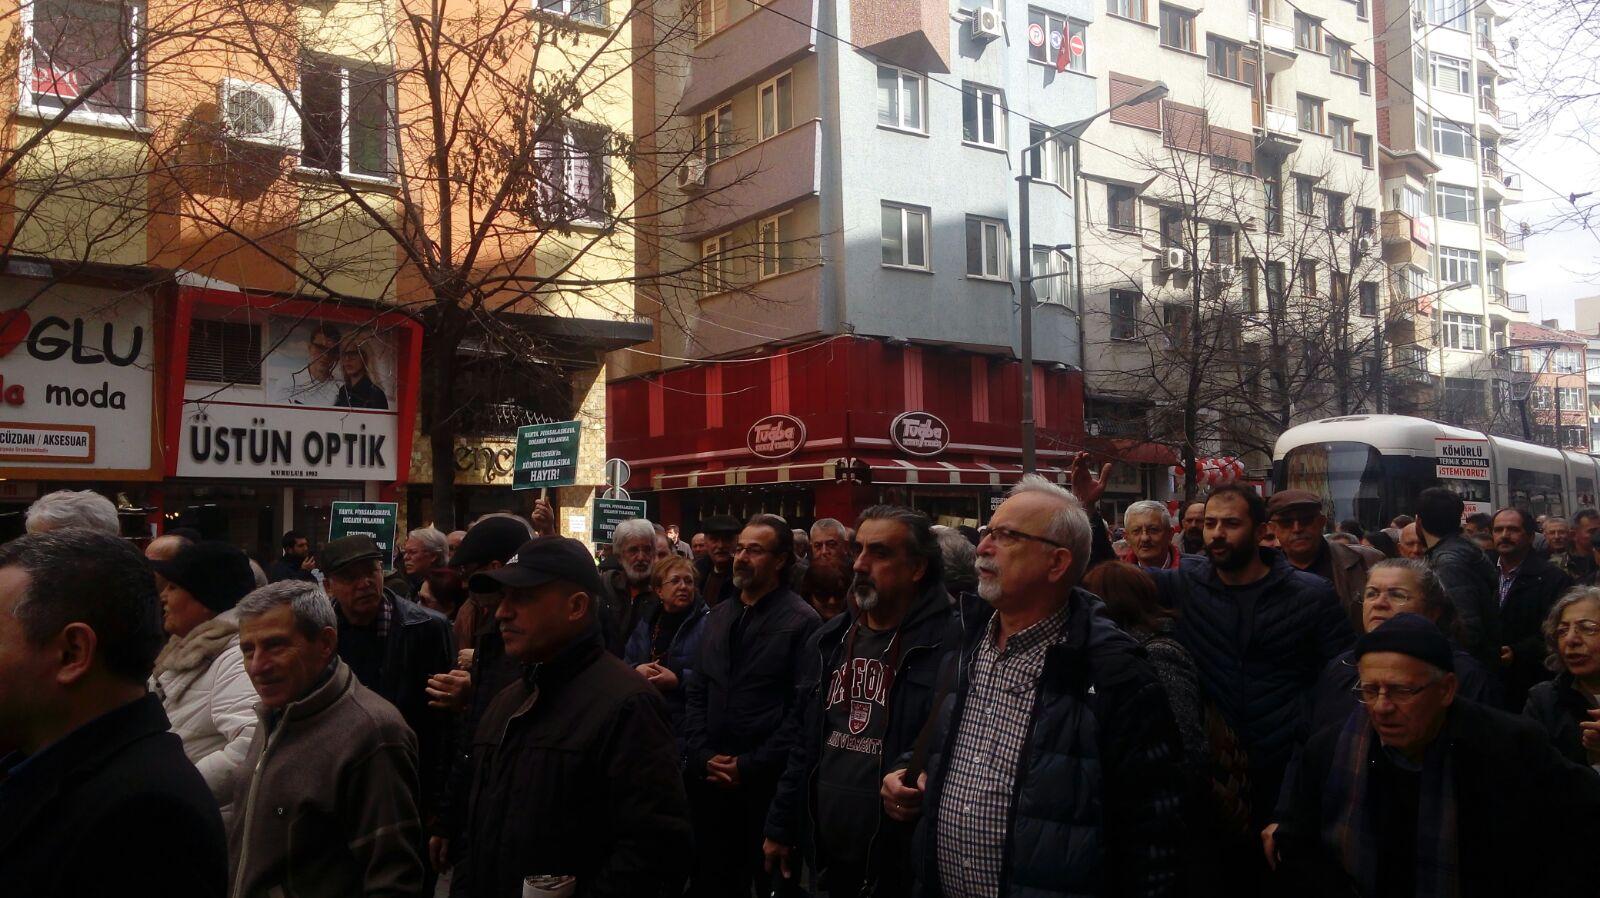 Eskişehir'de yurttaşlar termik santrali bir kez daha protesto etti